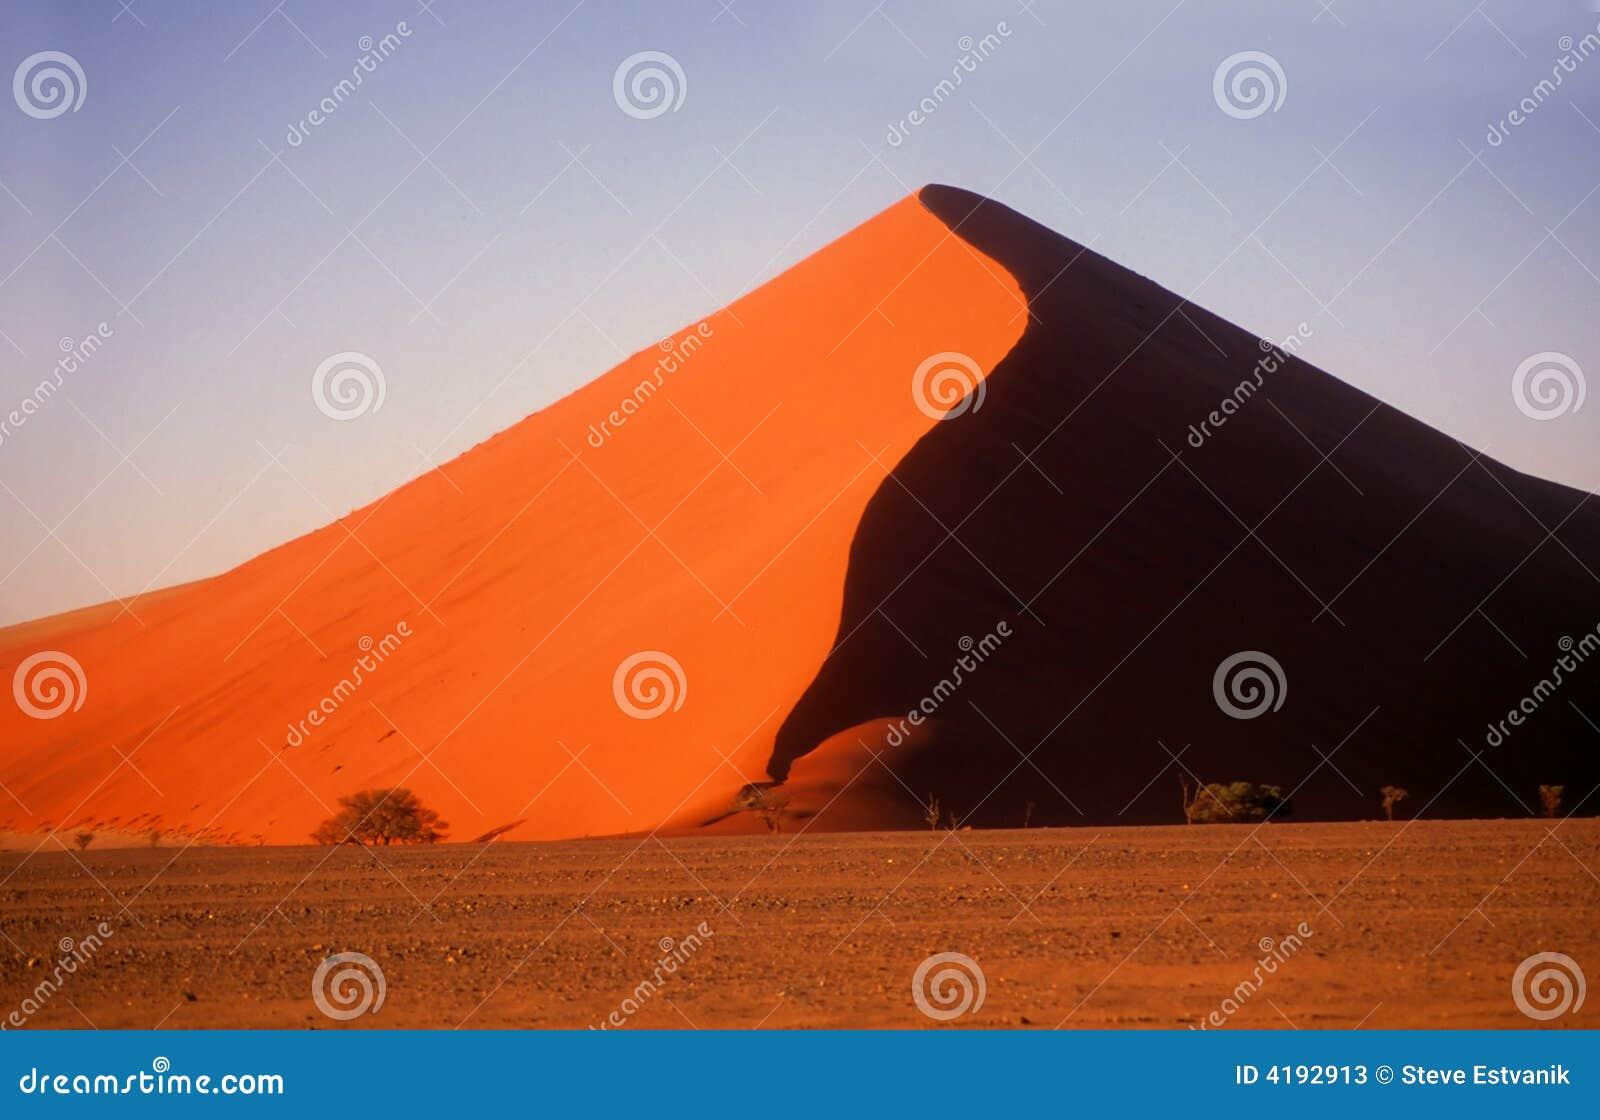 Giant sand dunes